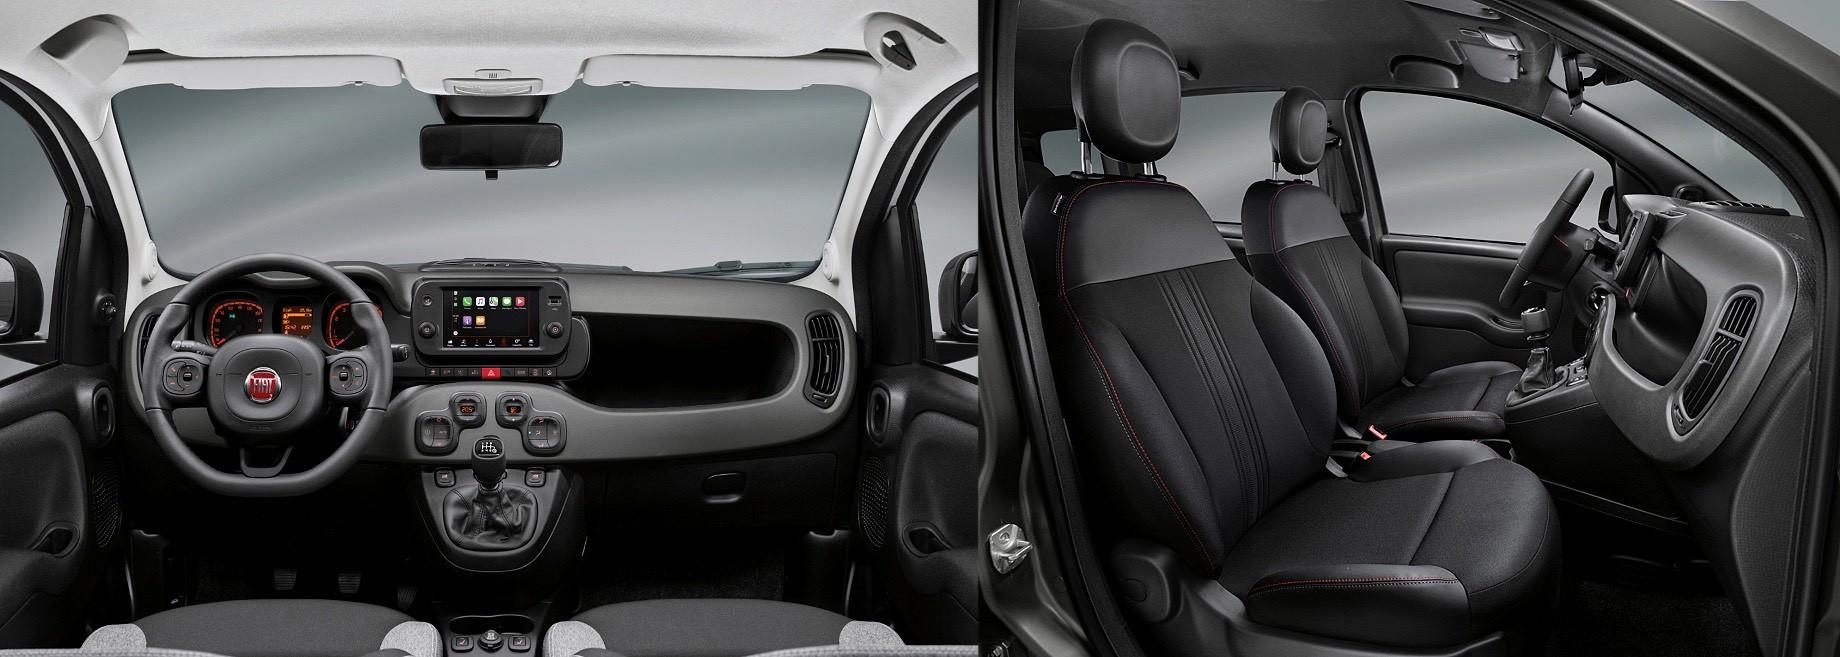 Хэтчбек Fiat Panda впервые получил мультимедийную систему